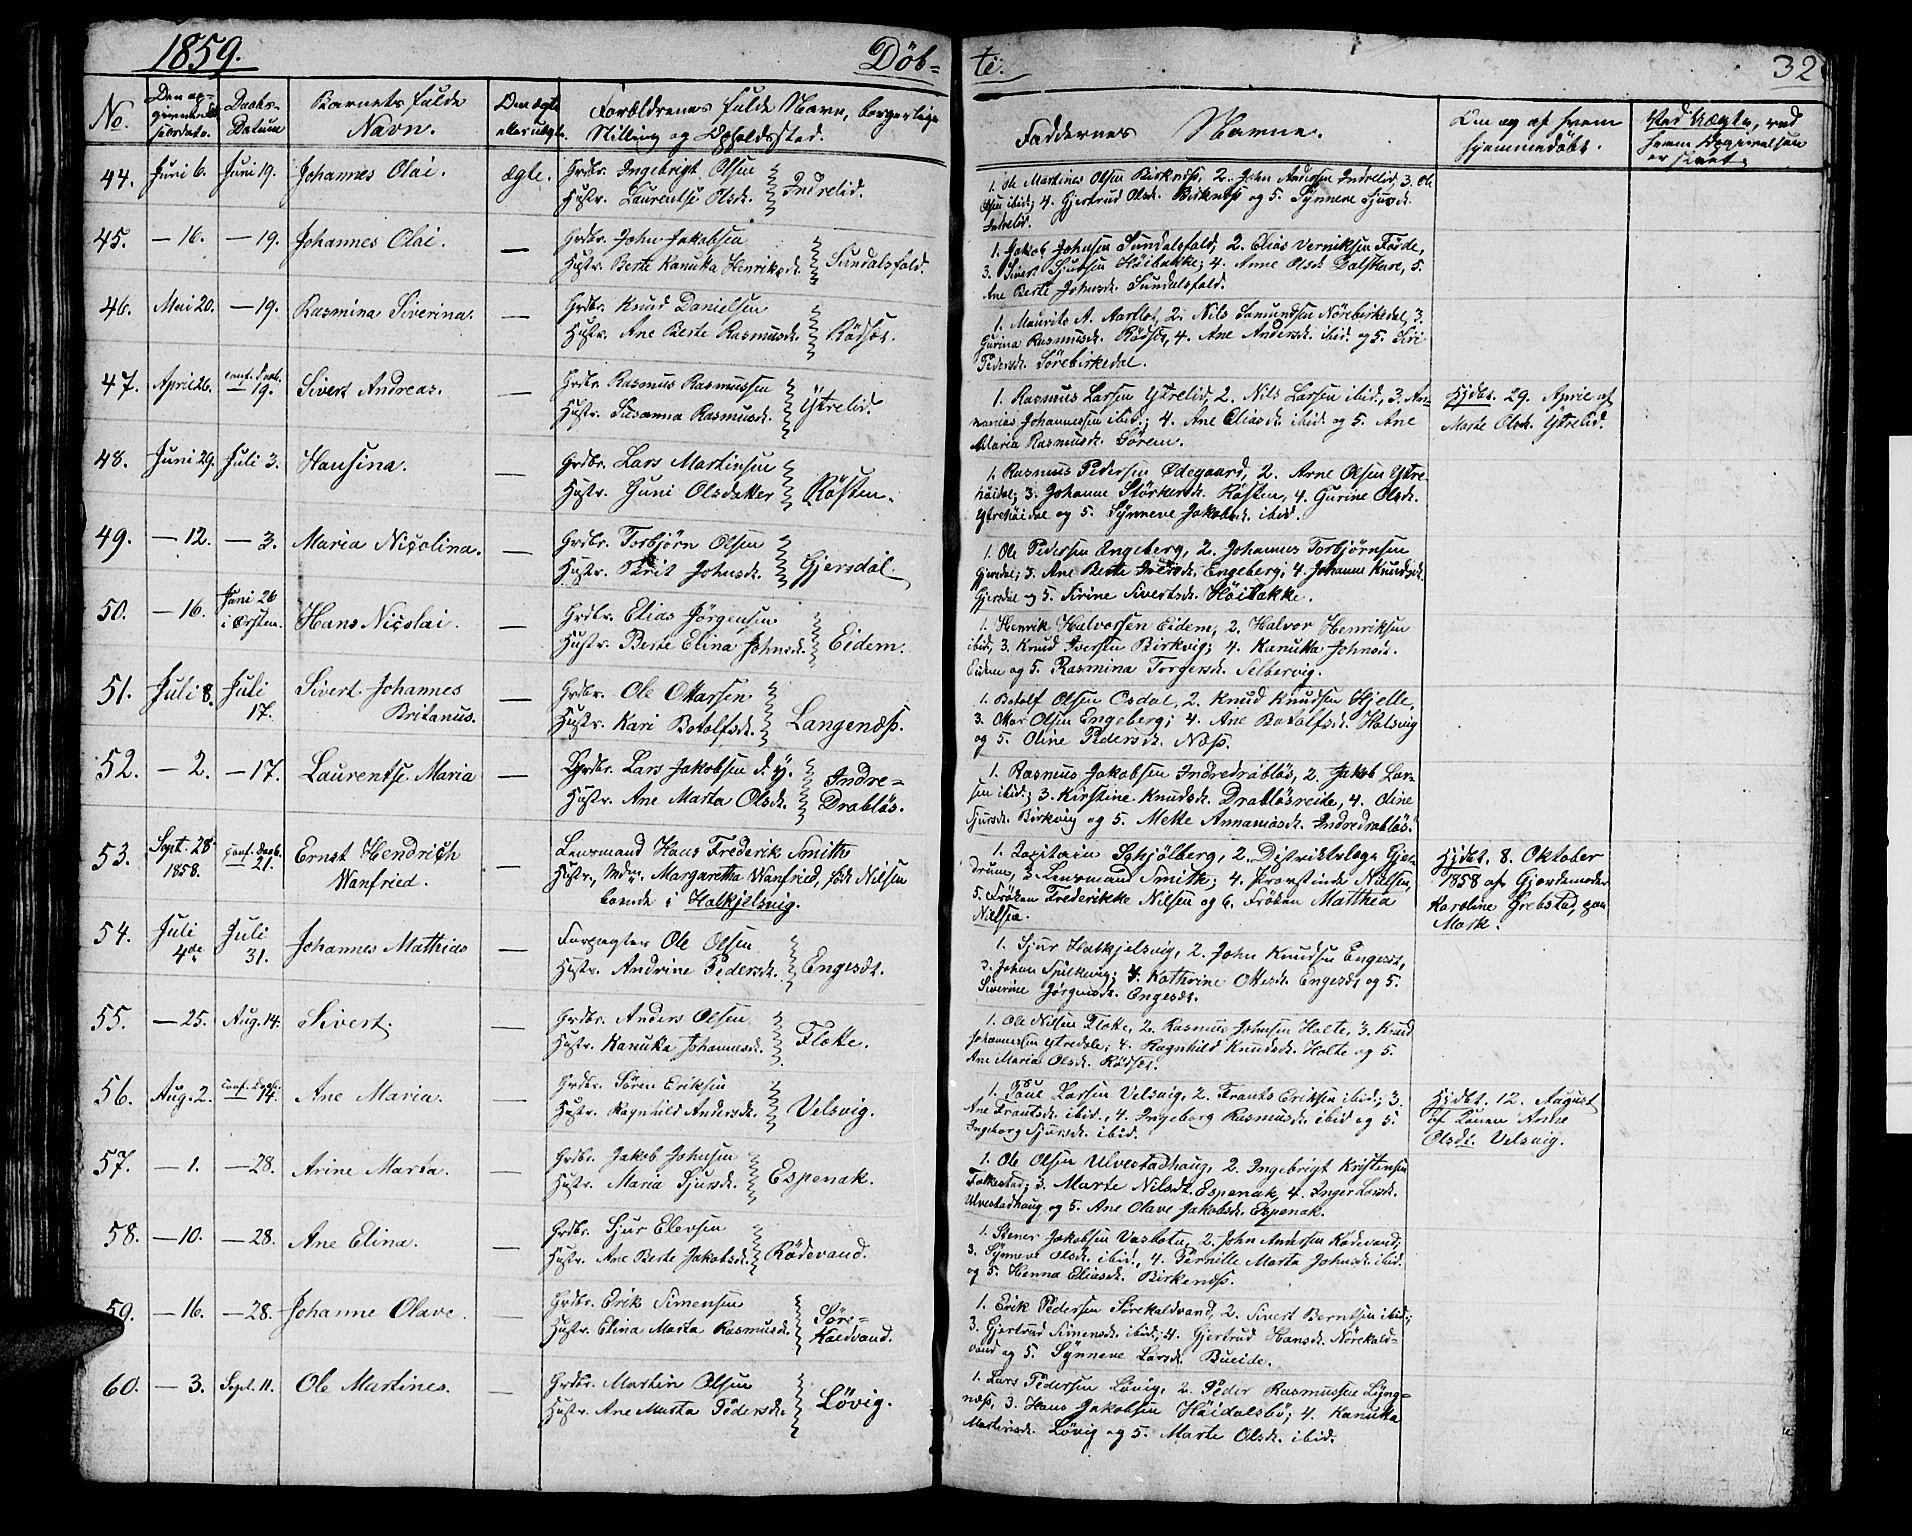 SAT, Ministerialprotokoller, klokkerbøker og fødselsregistre - Møre og Romsdal, 511/L0156: Klokkerbok nr. 511C02, 1855-1863, s. 32